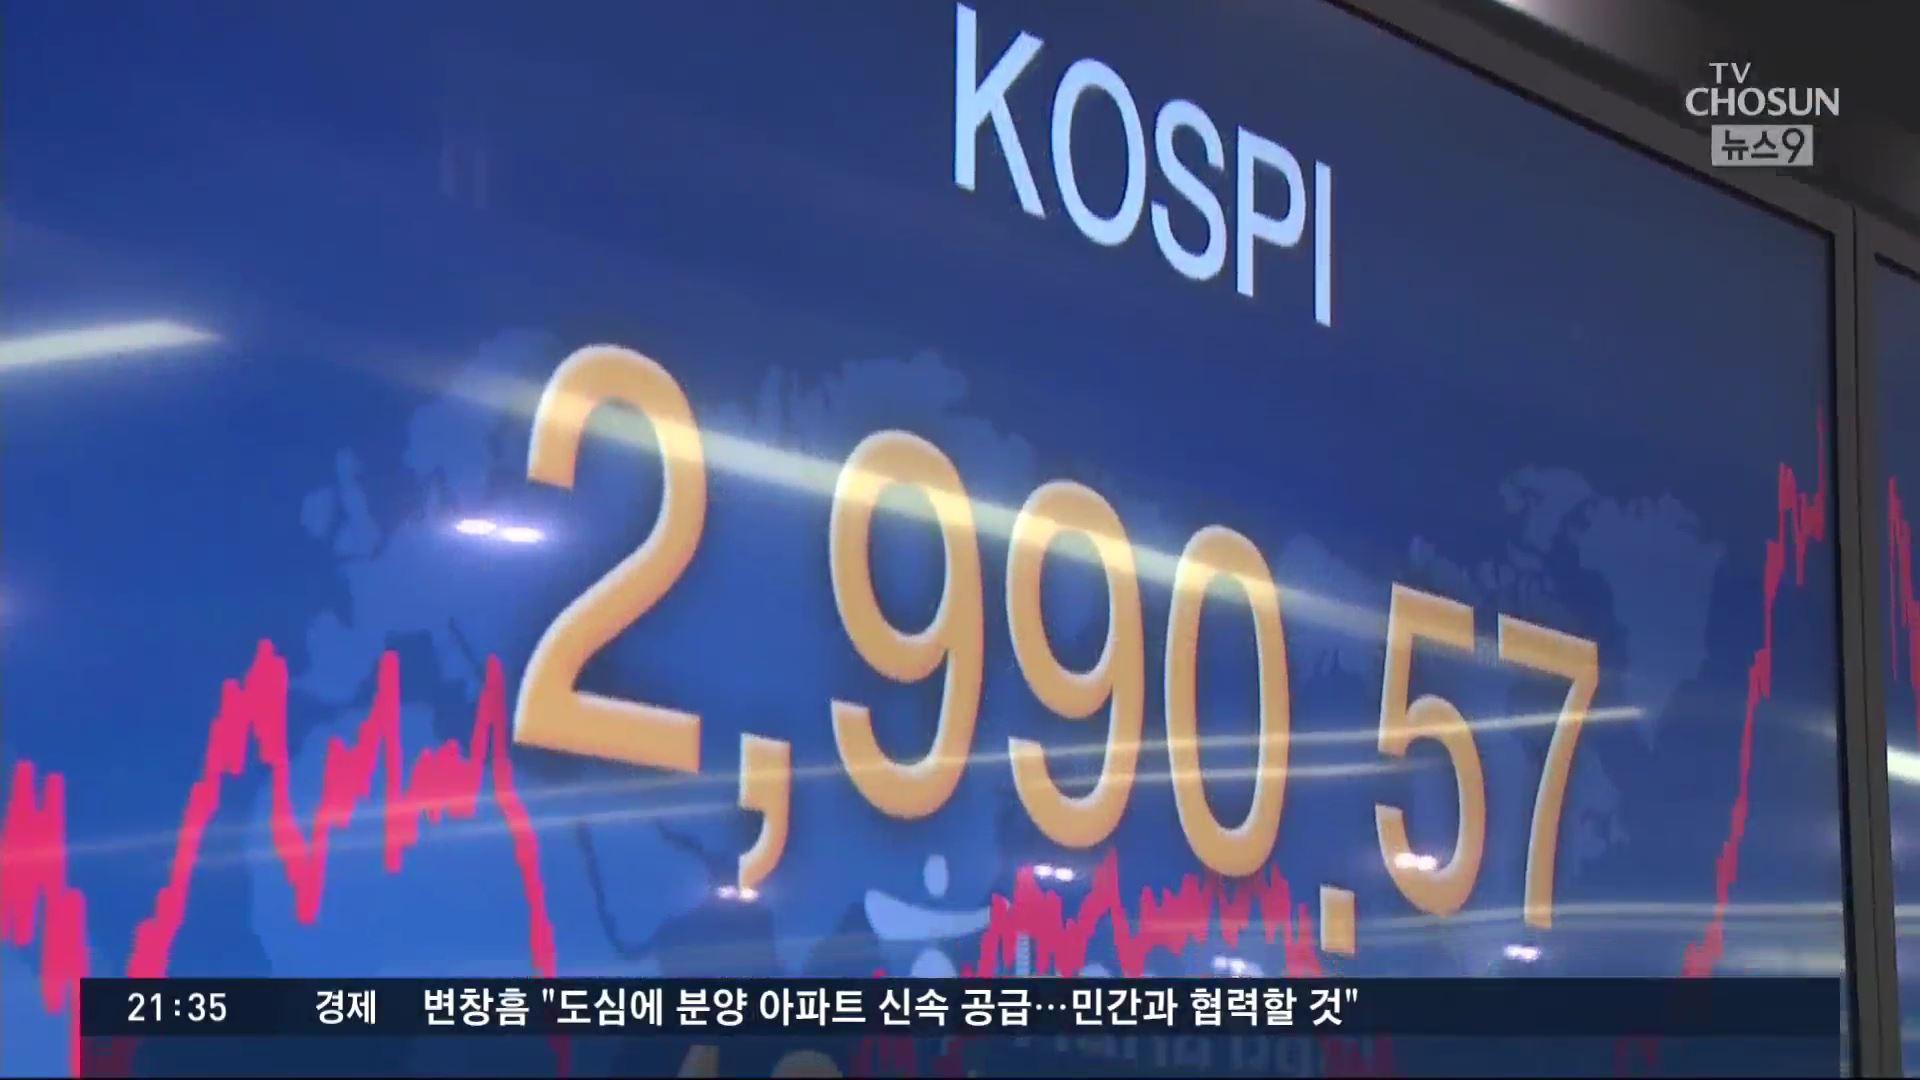 개인 '폭풍 매수'에 코스피 3000 '눈 앞'…'실물·금융 괴리' 우려